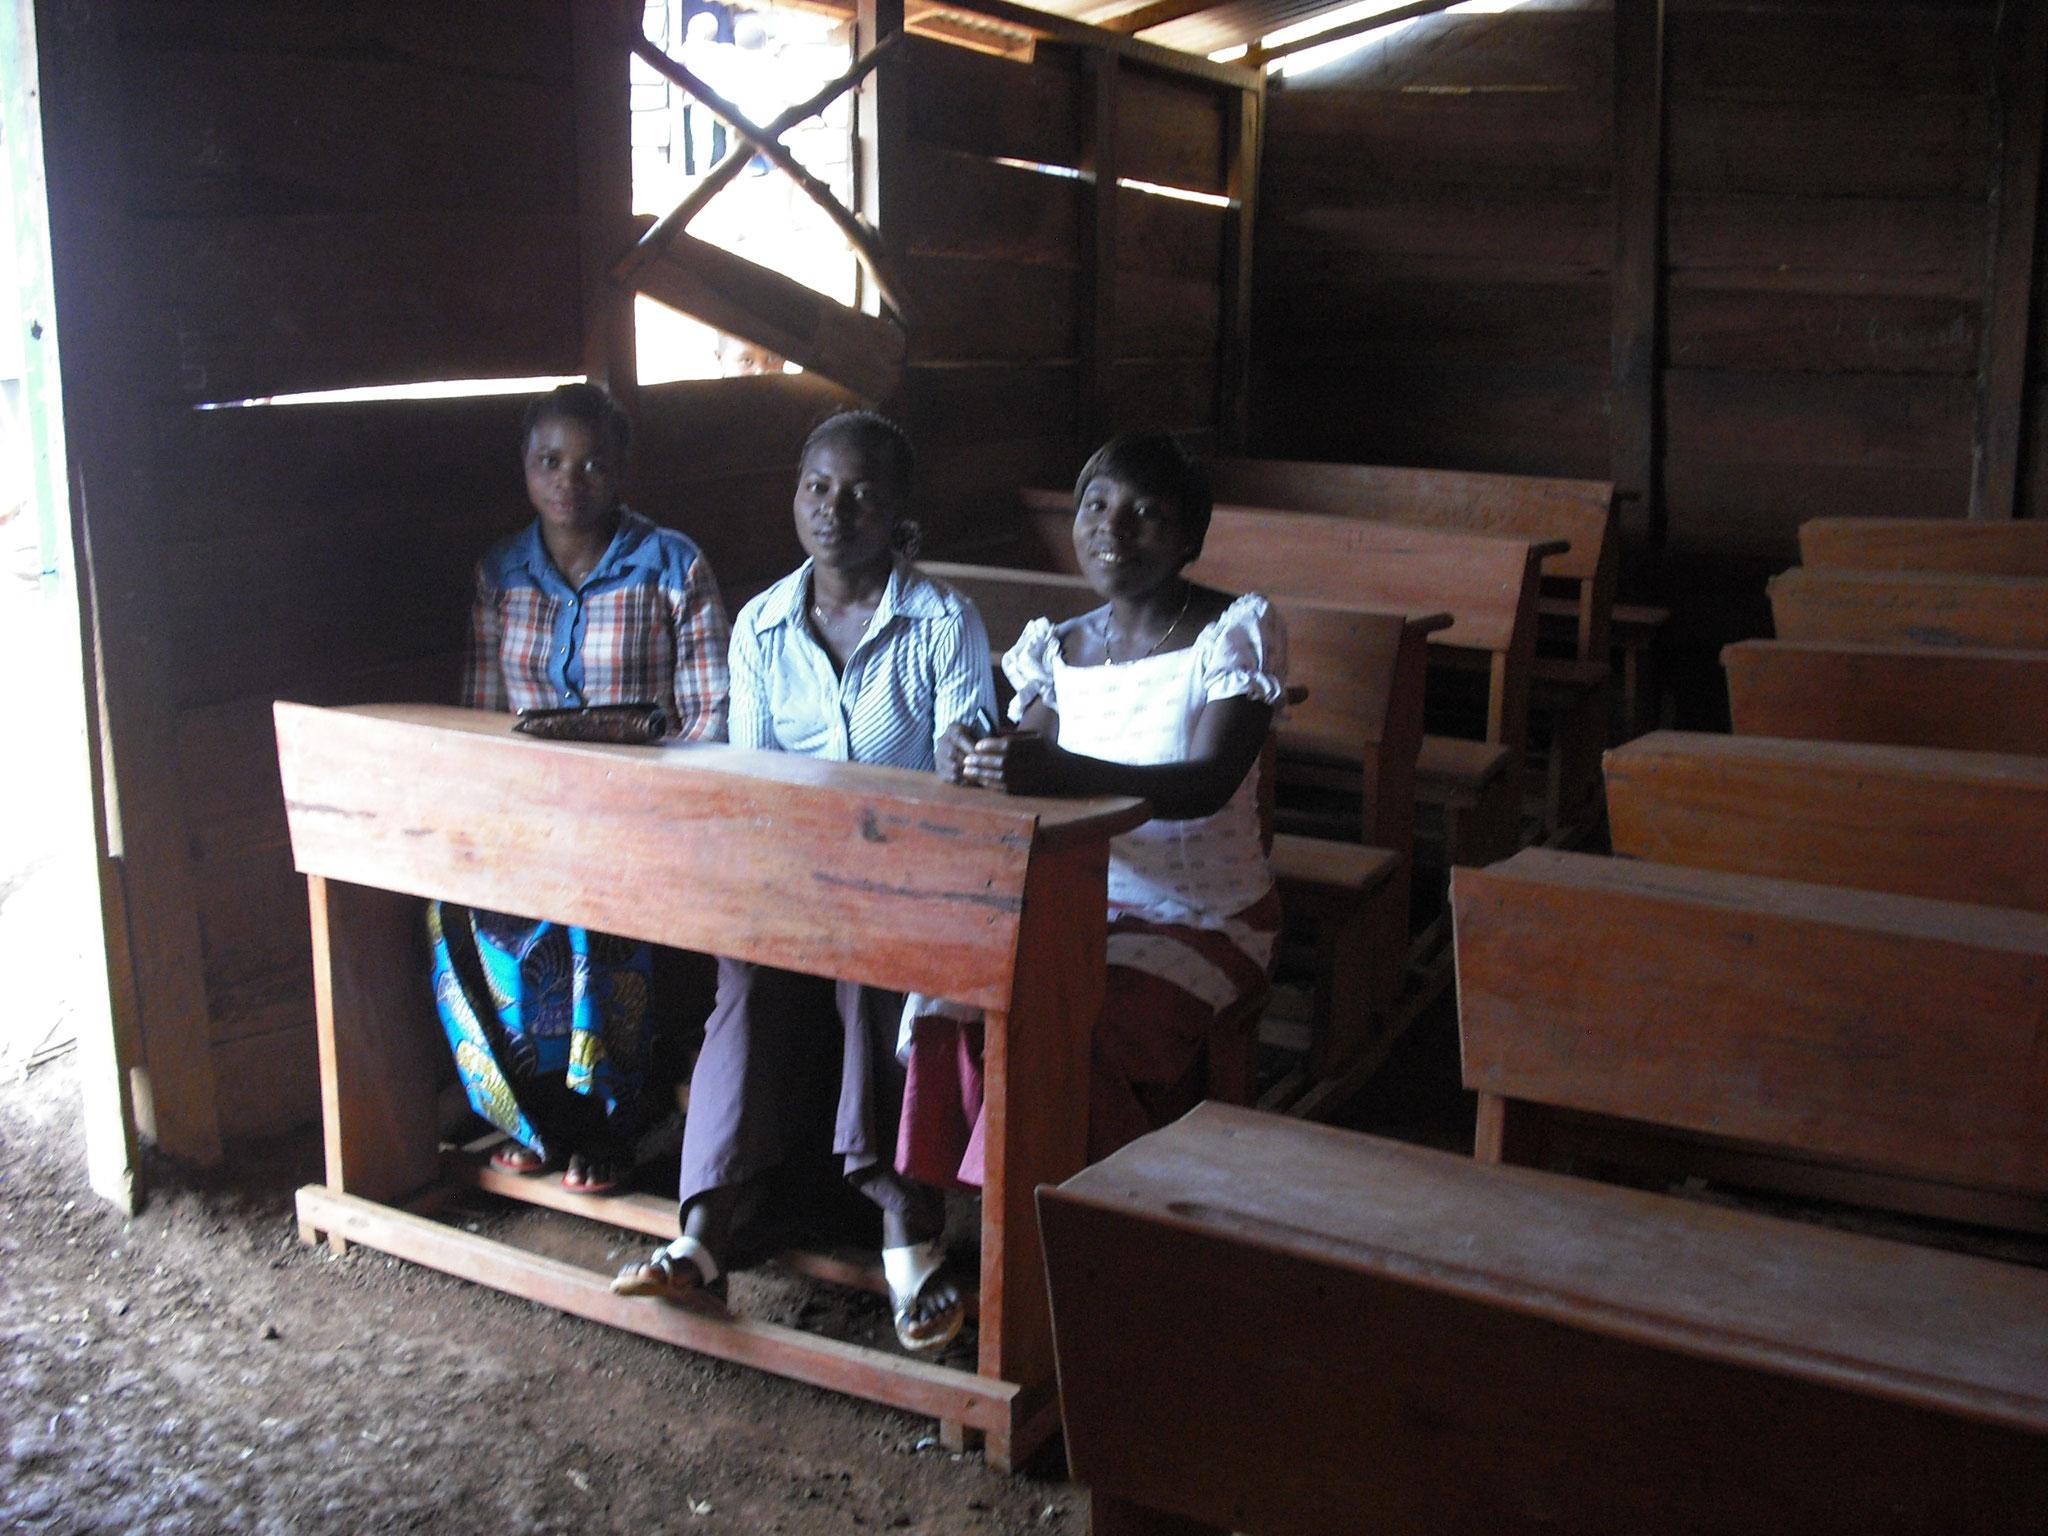 Lehrer und Schüler sind glücklich über die komfortablen Möbel.